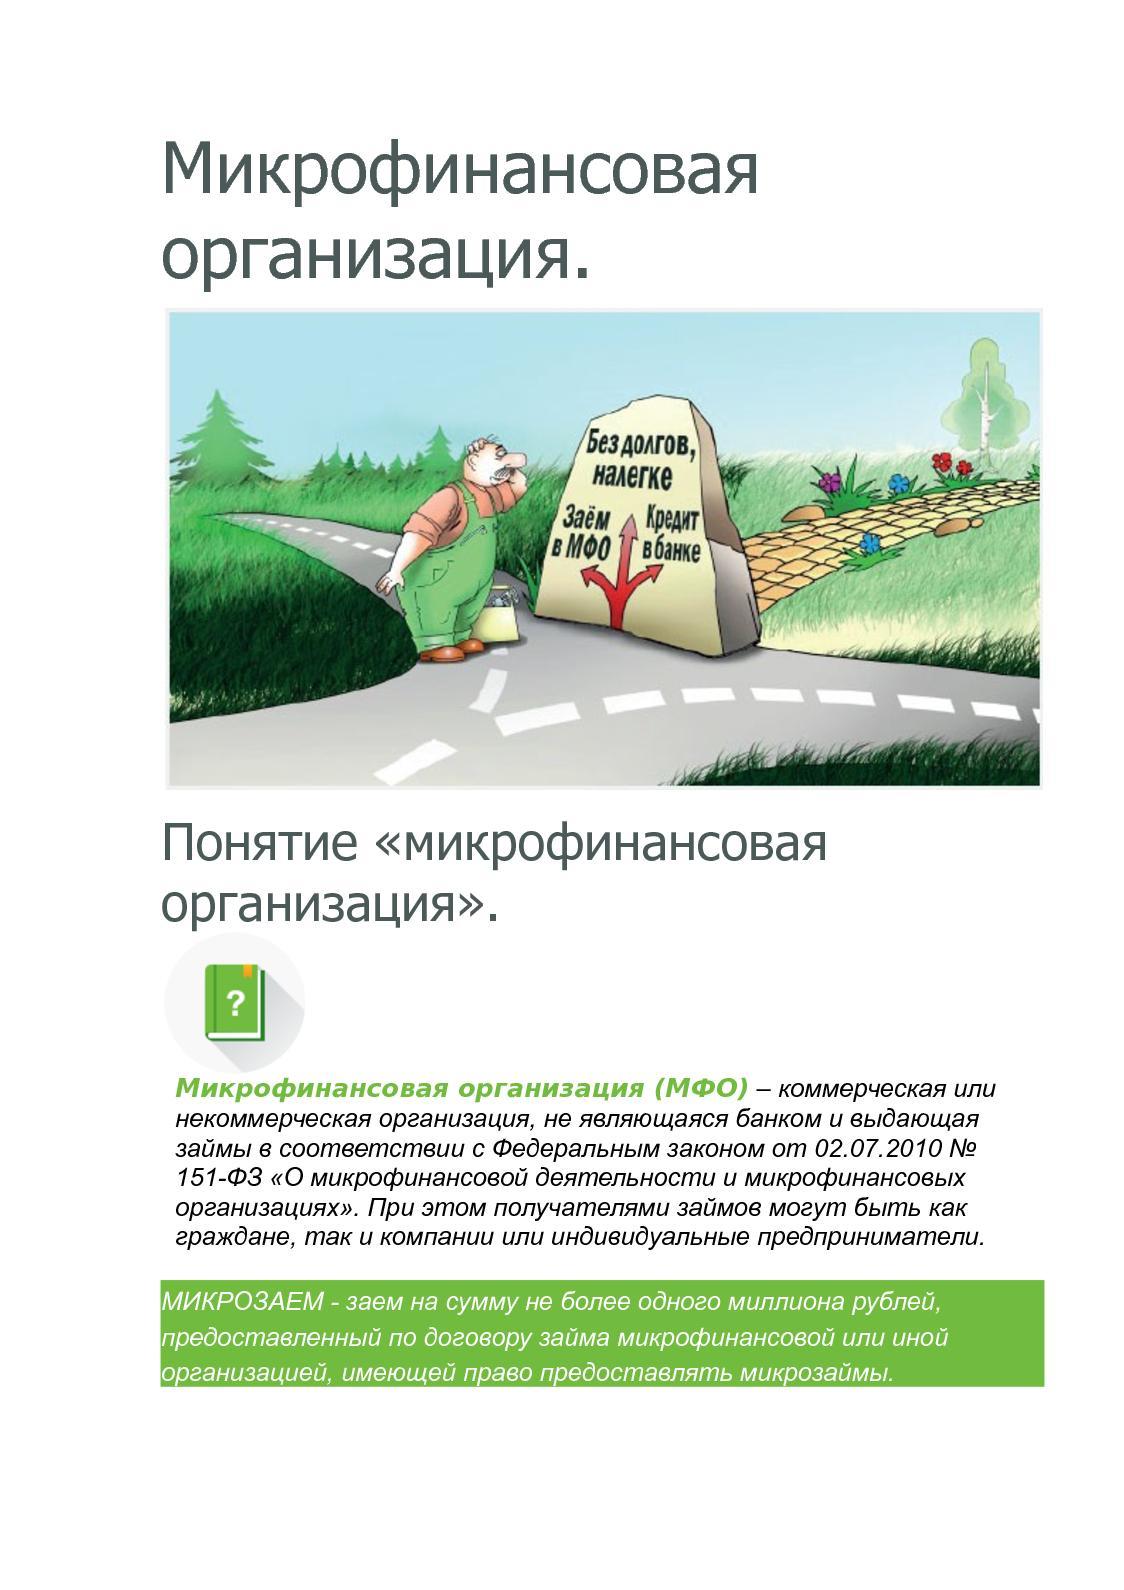 волго-вятский банк пао сбербанк г нижний новгород адрес